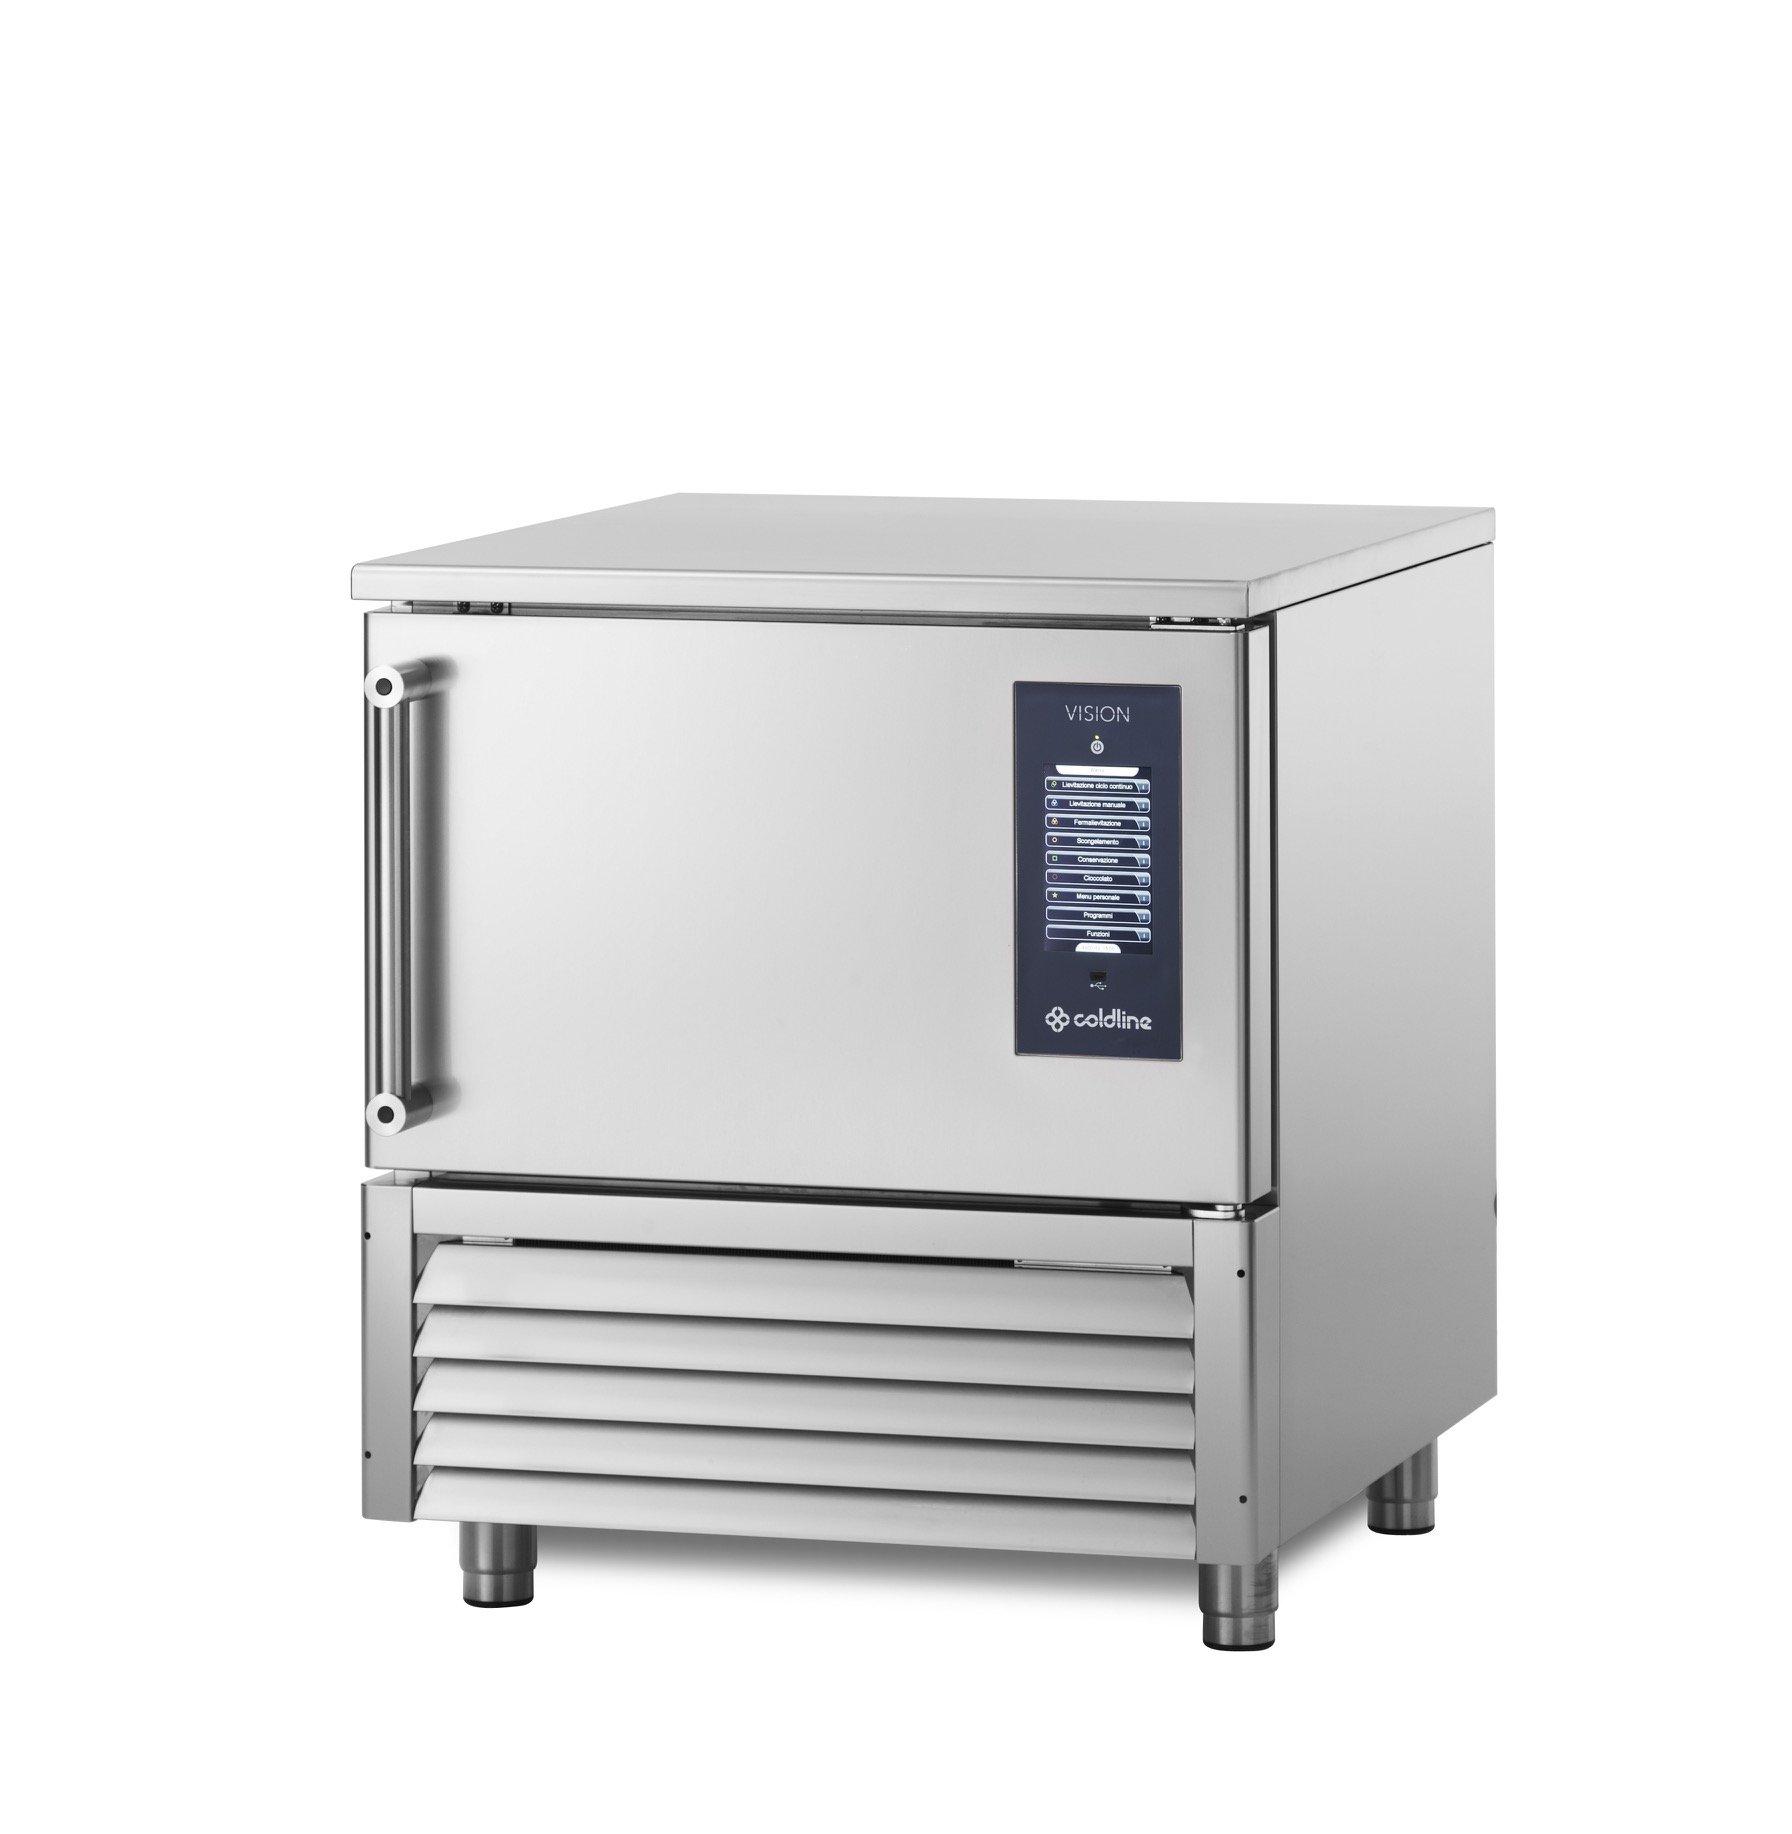 un elettrodomestico in acciaio della marca coldline